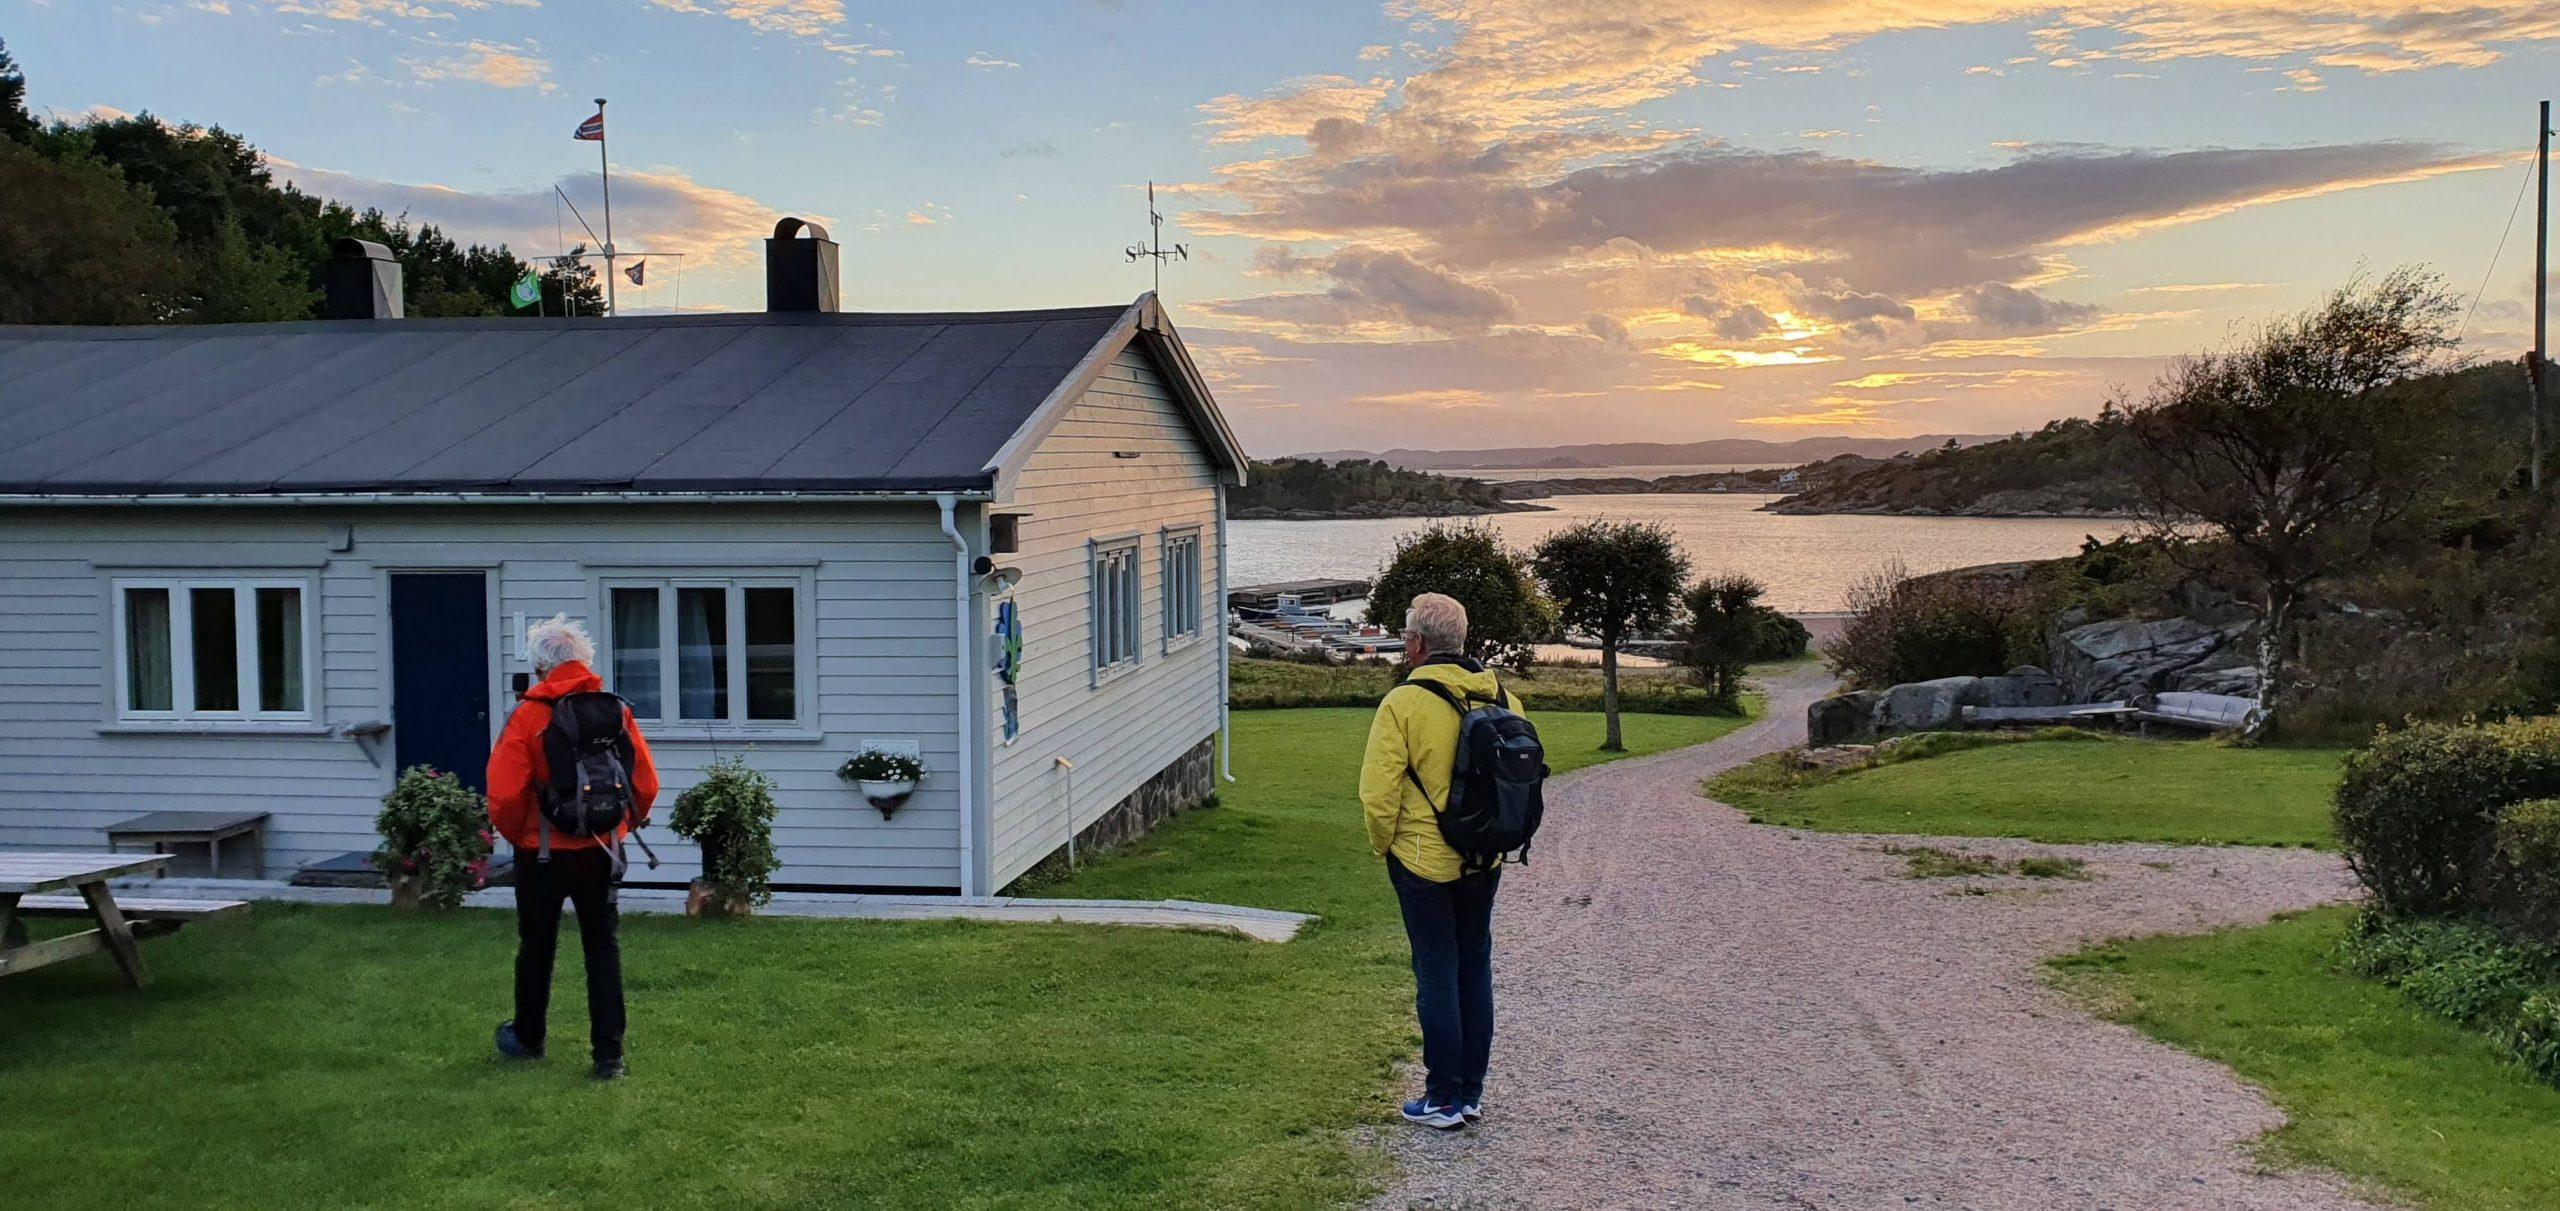 Fototur til Østre Randøya 8. september 2020